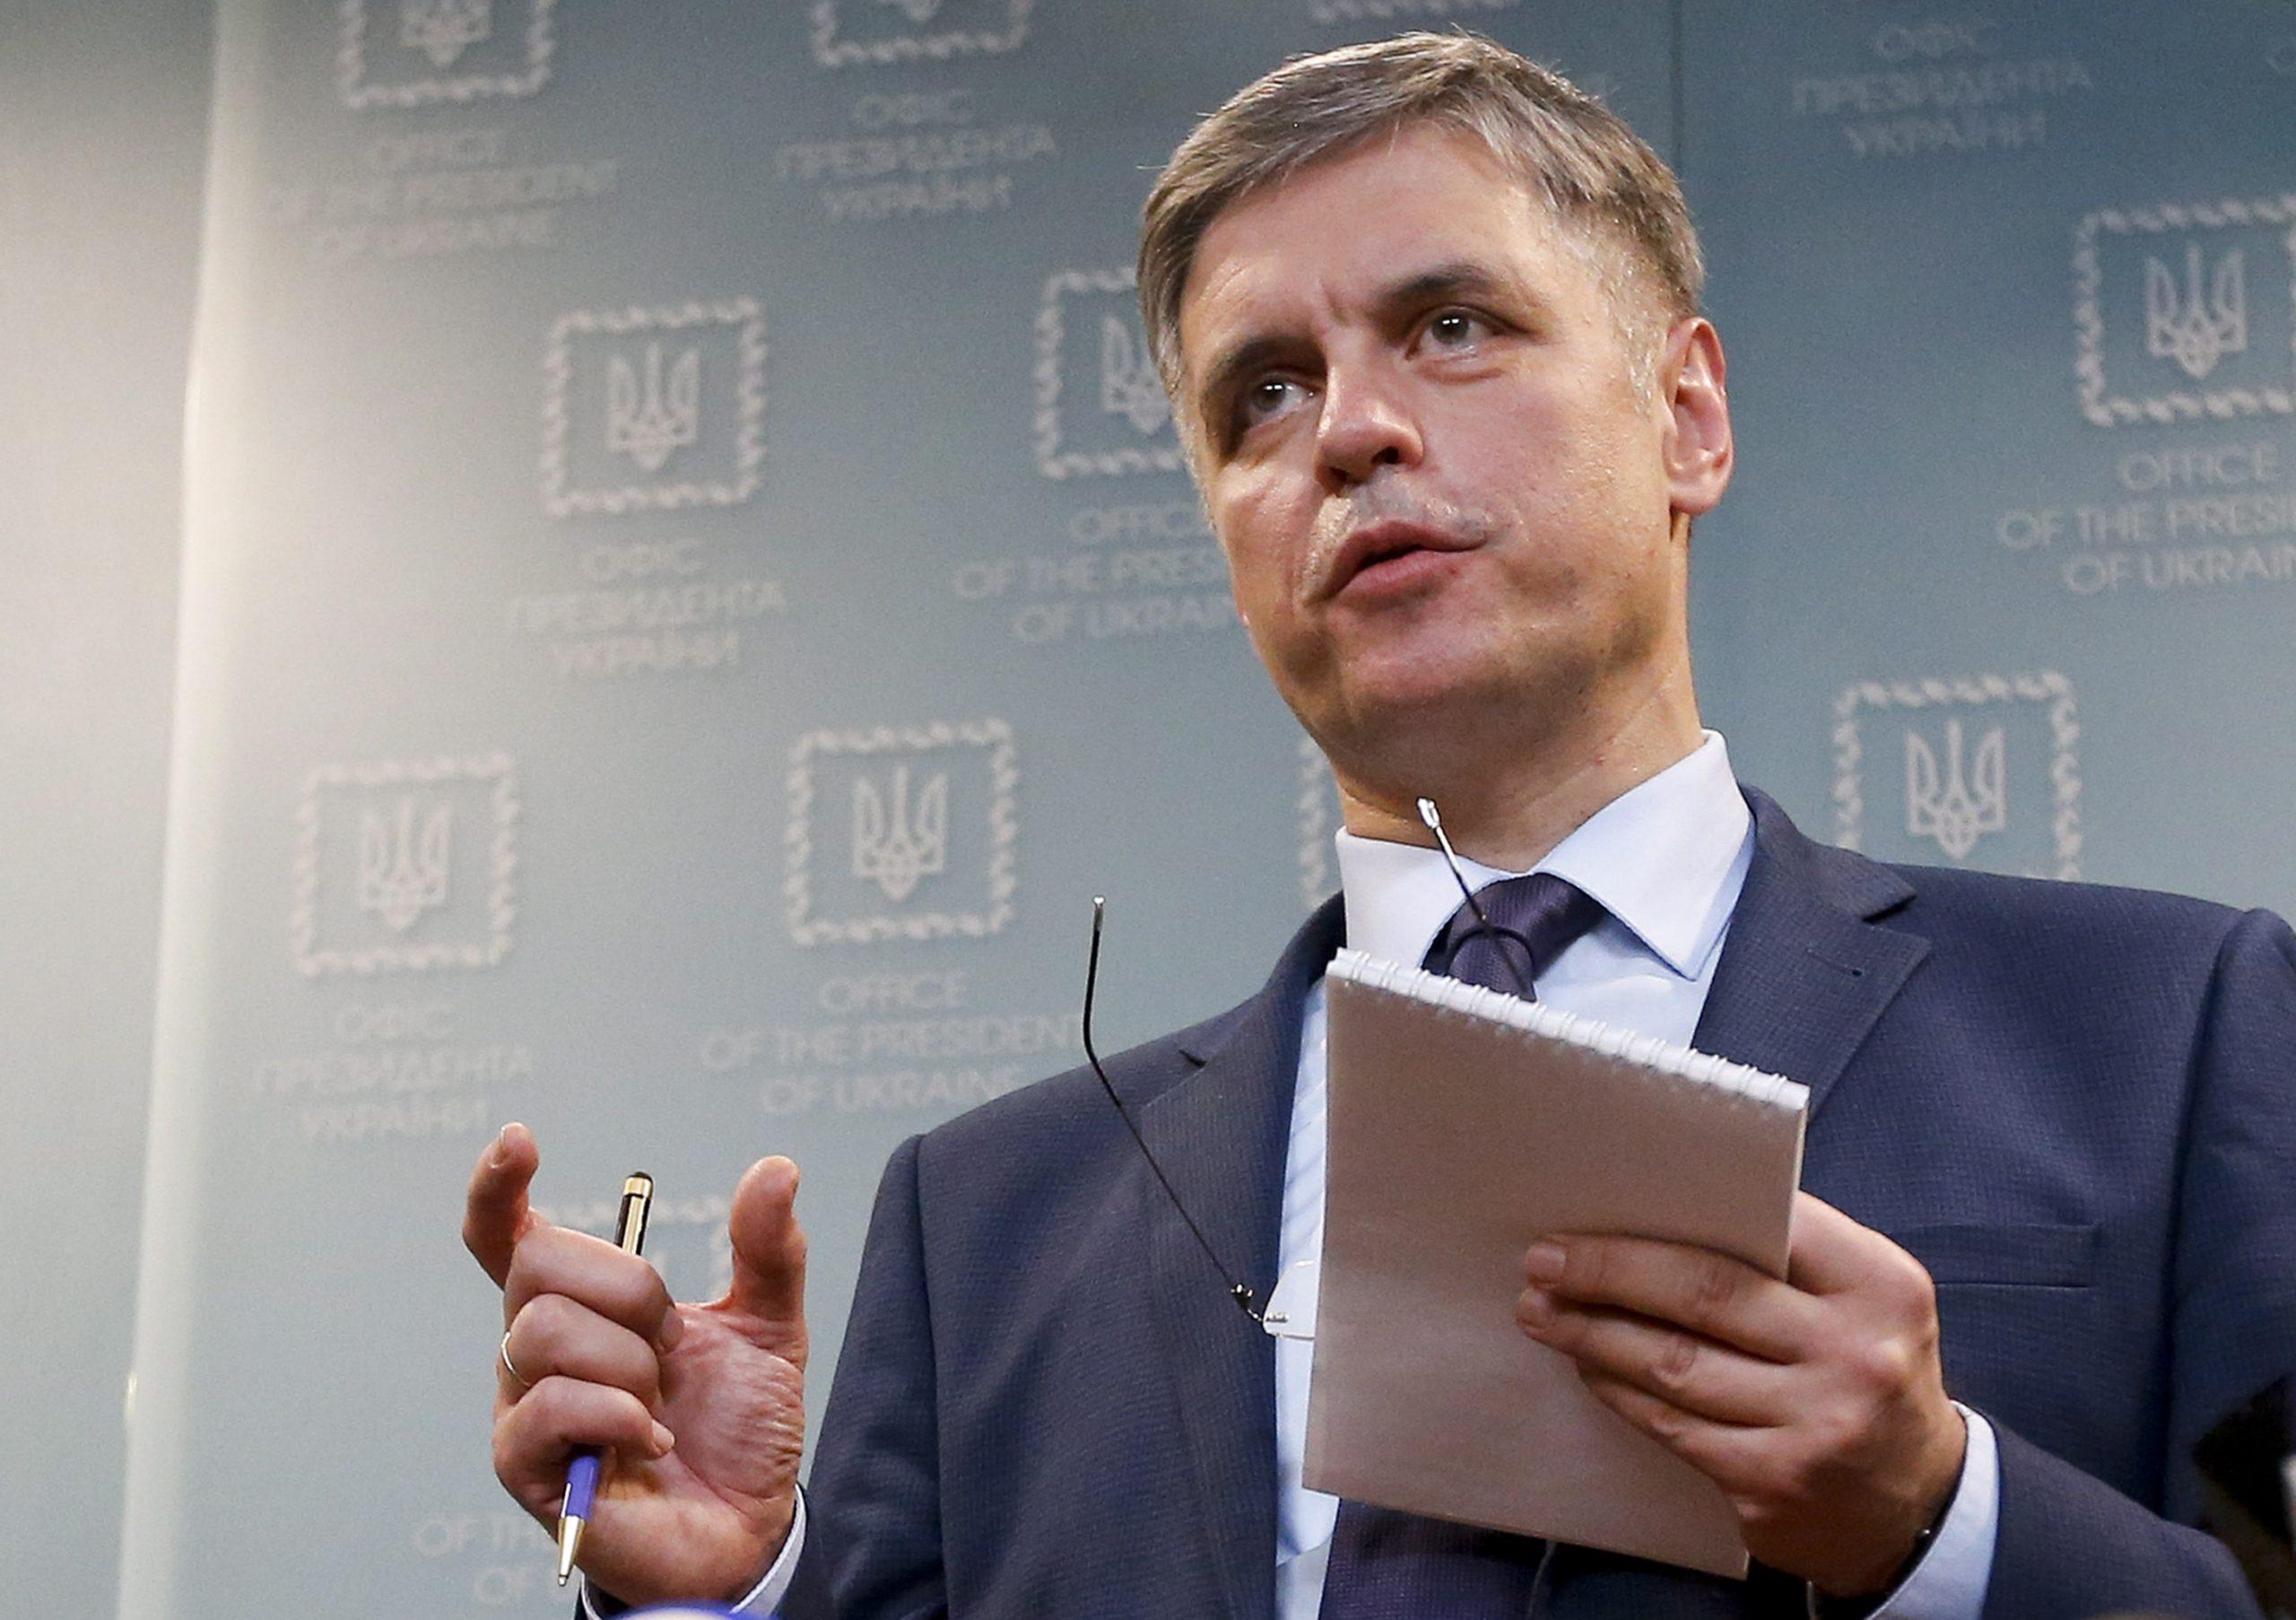 فاديم بريستايكو، وزير خارجية أوكرانيا يوم الجمعة 10.01.2020 في كييف - AP Photo/ Efrem Lukatsky